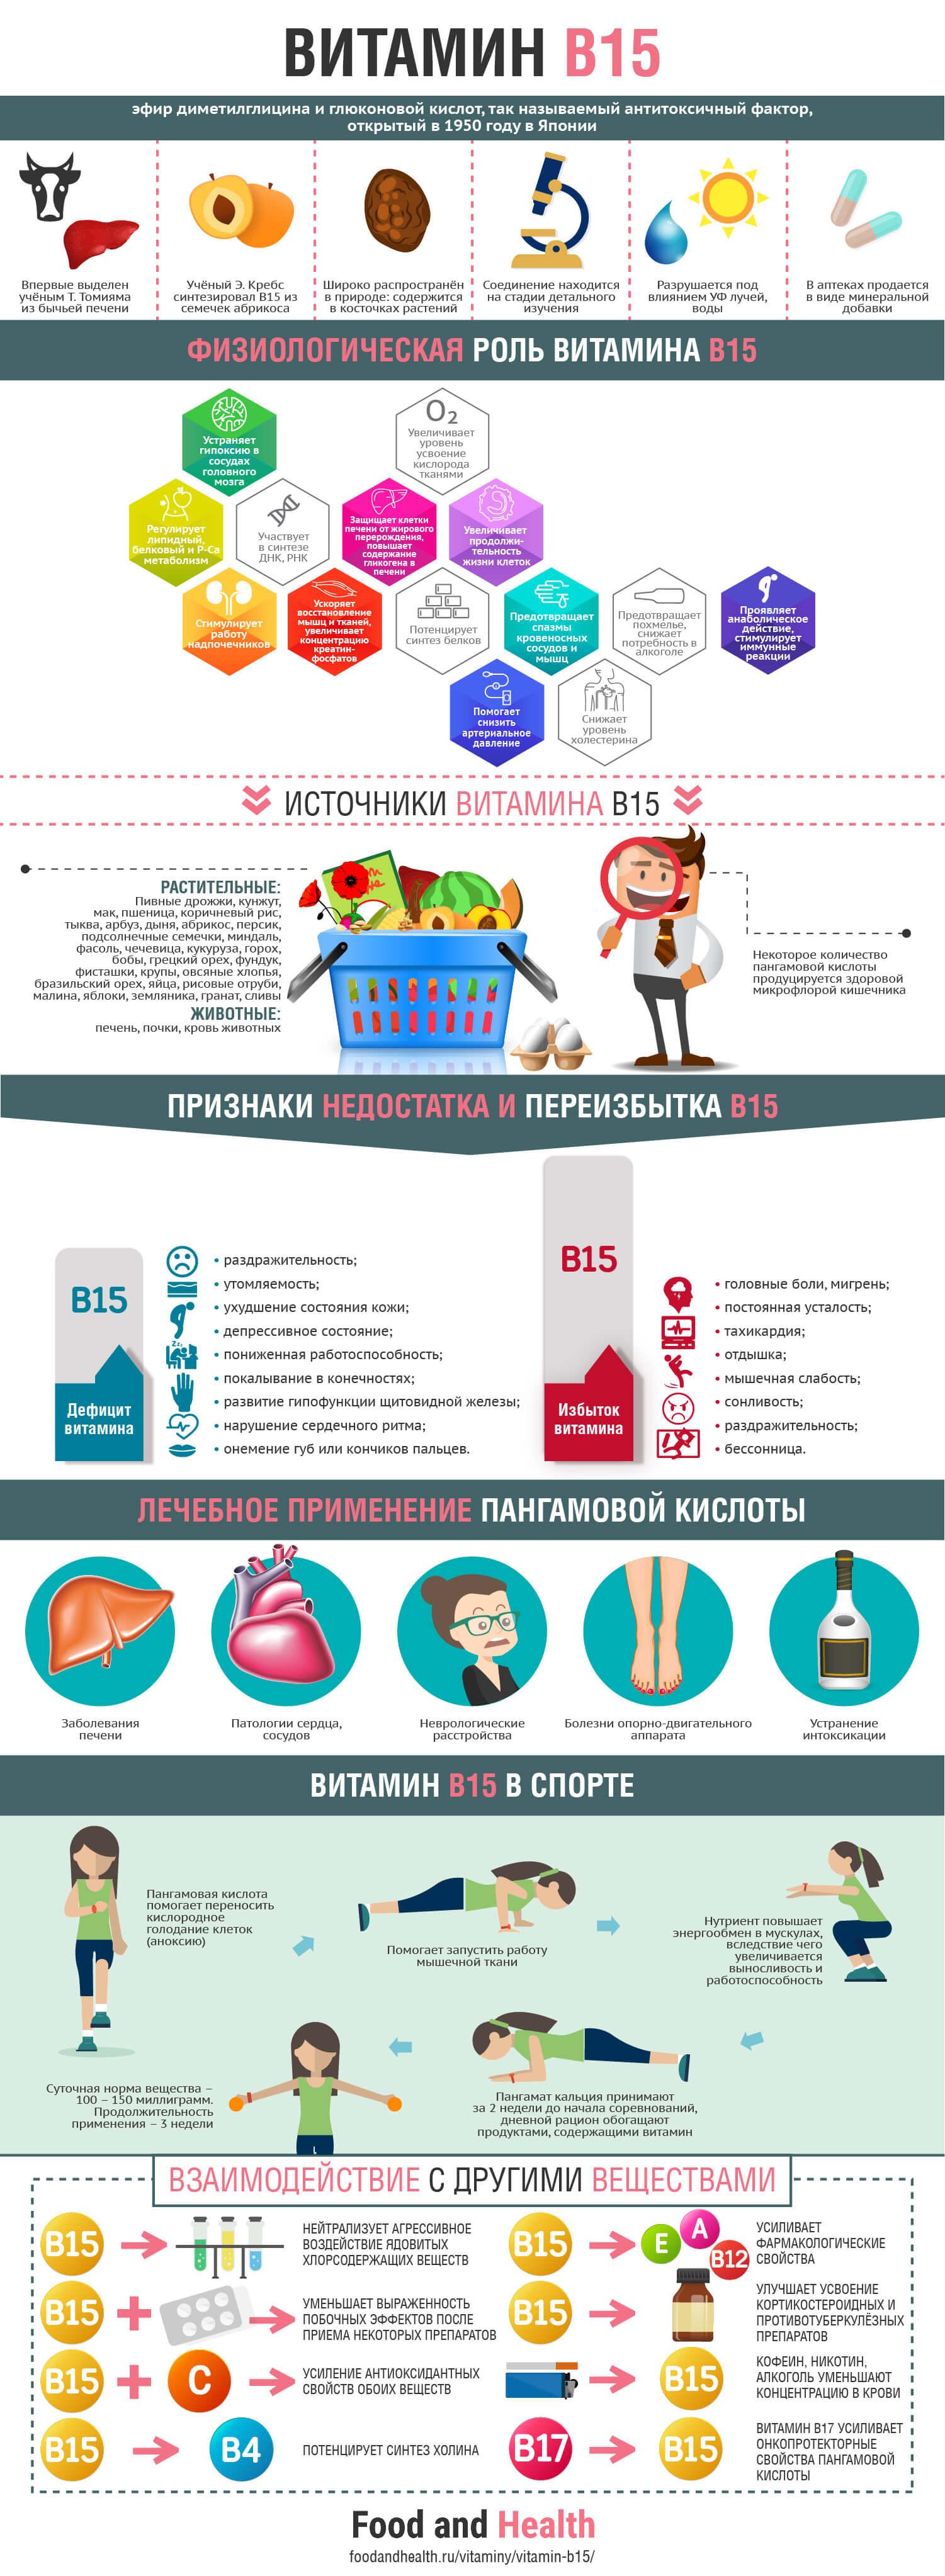 Витамин В15: инфографика